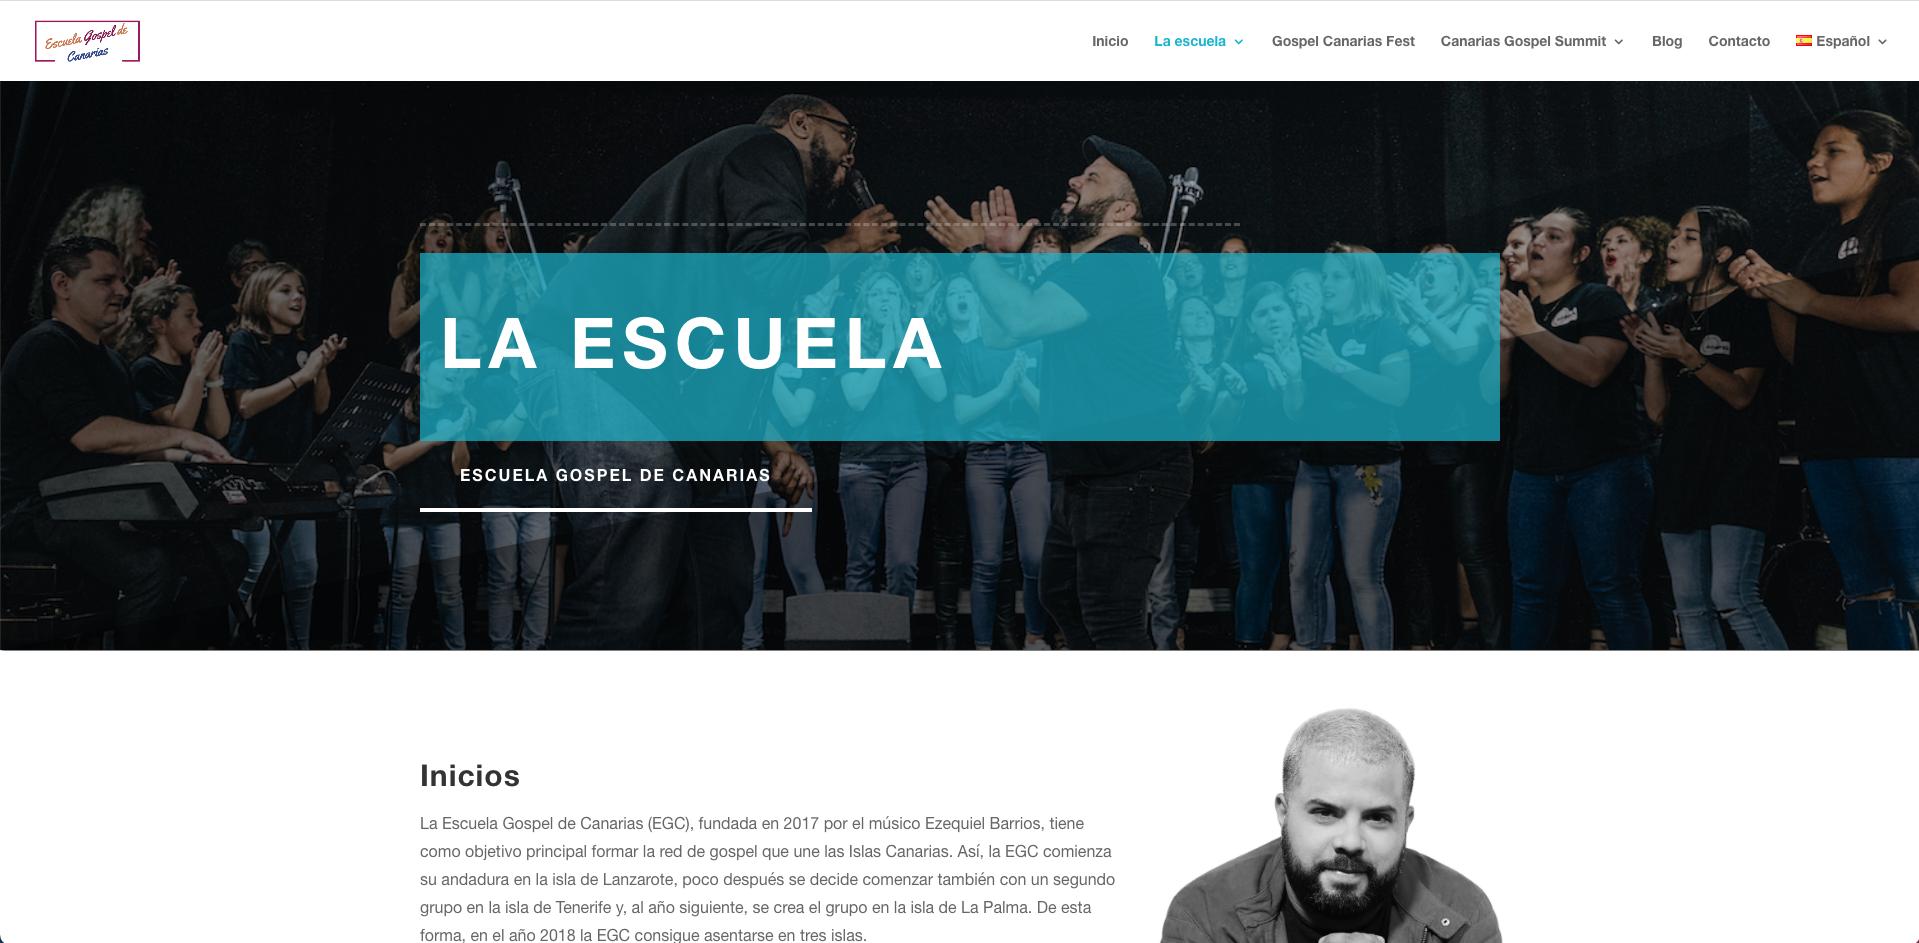 Diseño web para la Escuela Gospel de Canarias - Creación de Sitios Web